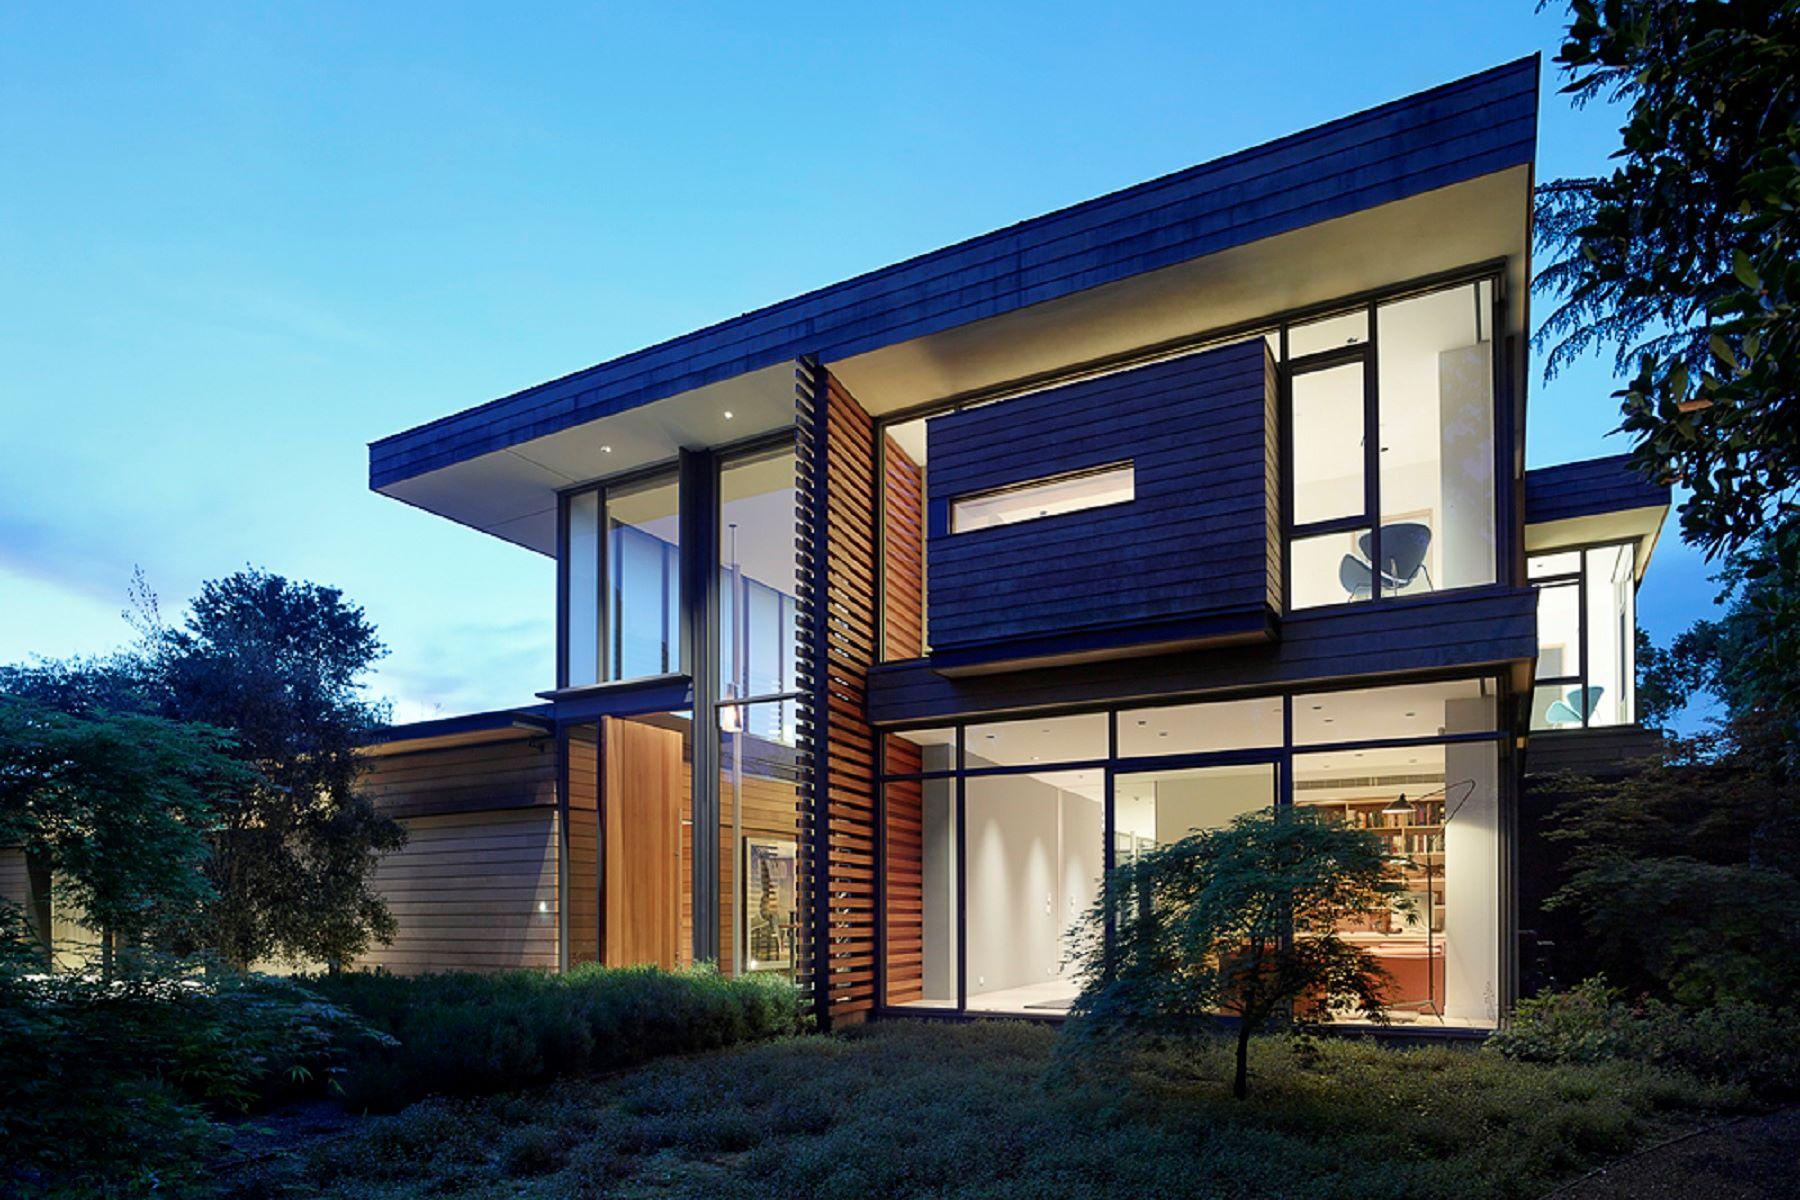 独户住宅 为 销售 在 680 Laurel Dr, Sacramento, CA 95864 Sacramento, 加利福尼亚州 95864 美国